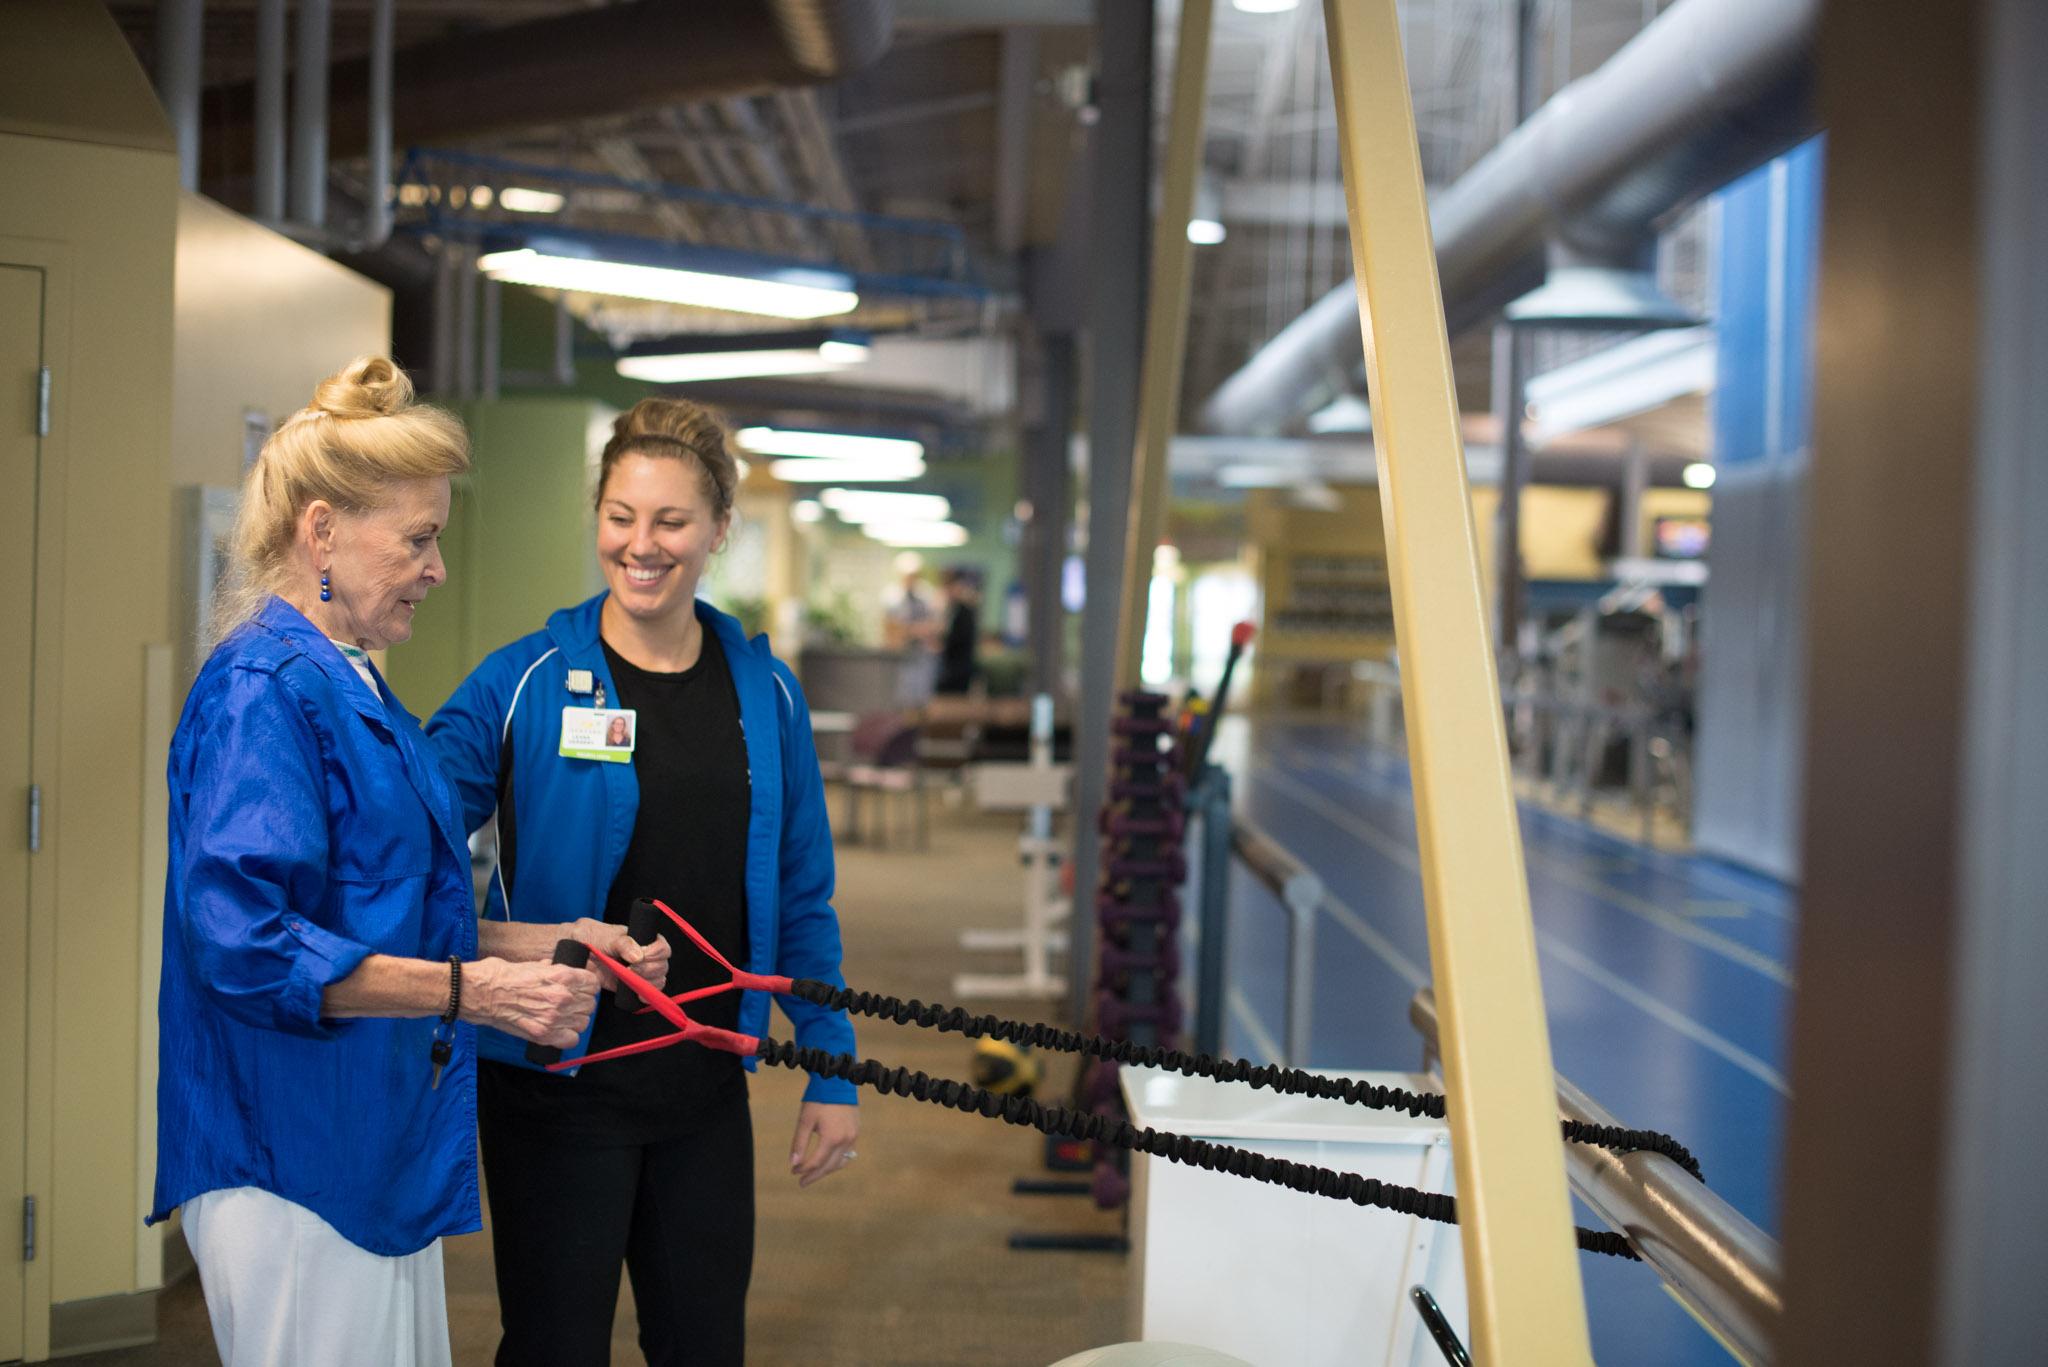 Wellness Center Stock Photos-1178.jpg